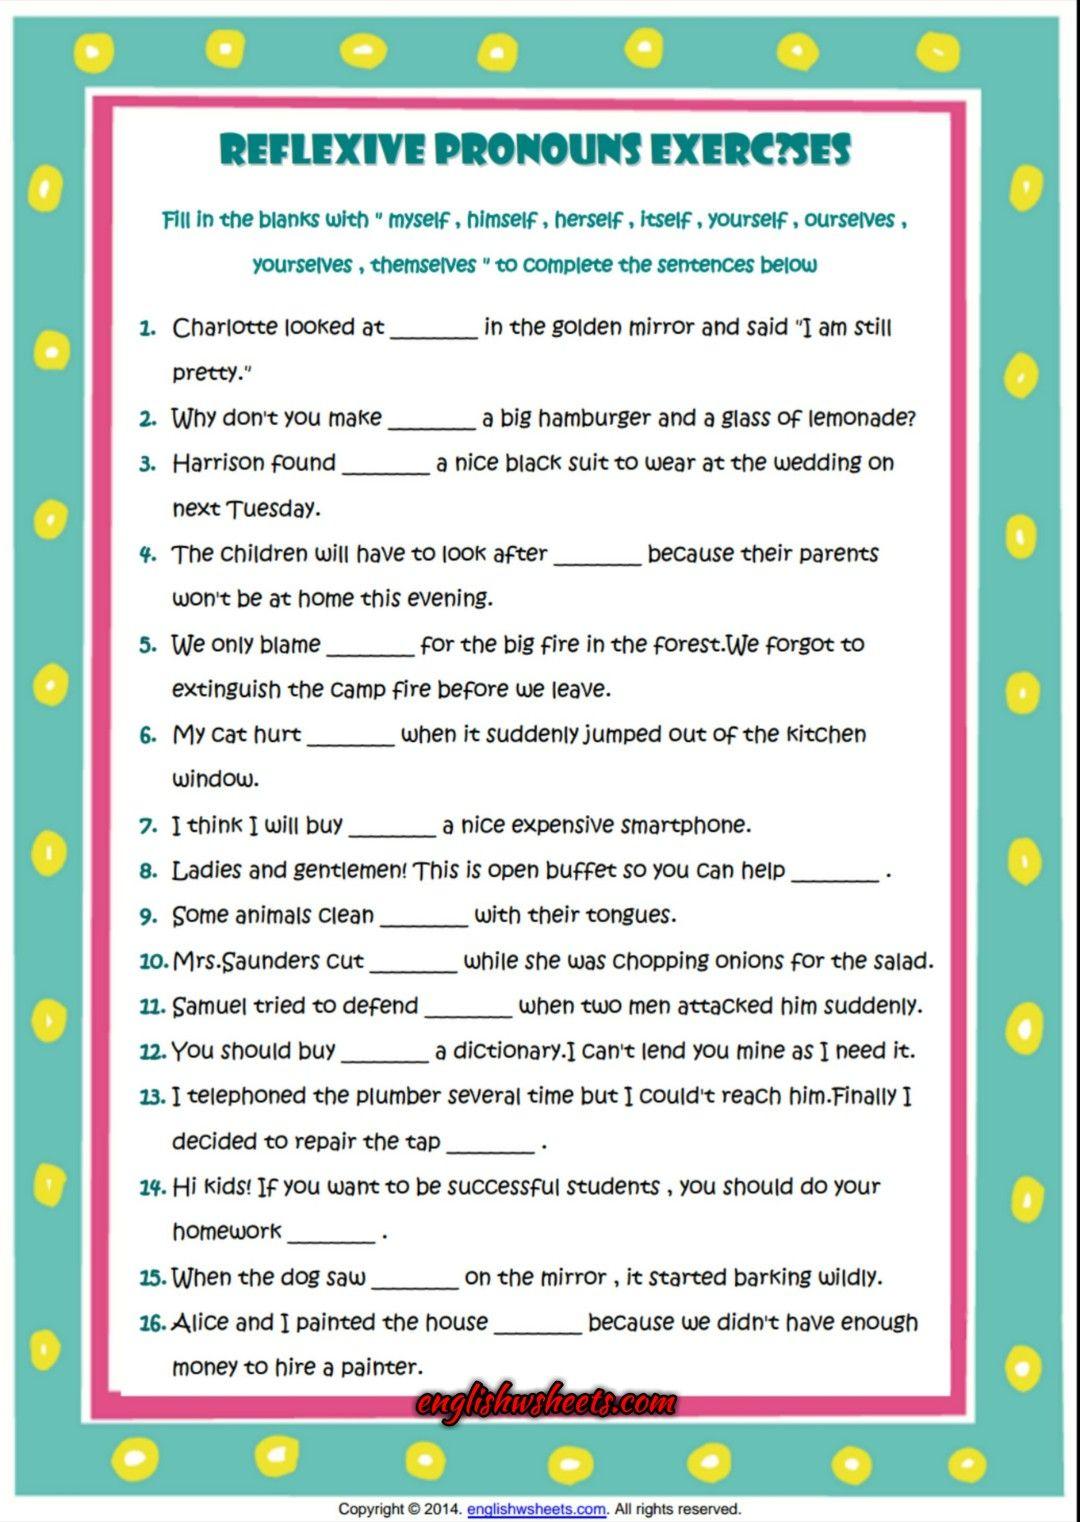 Worksheets Esl Grammar Worksheets reflexive pronouns esl grammar exercise worksheet printable worksheet